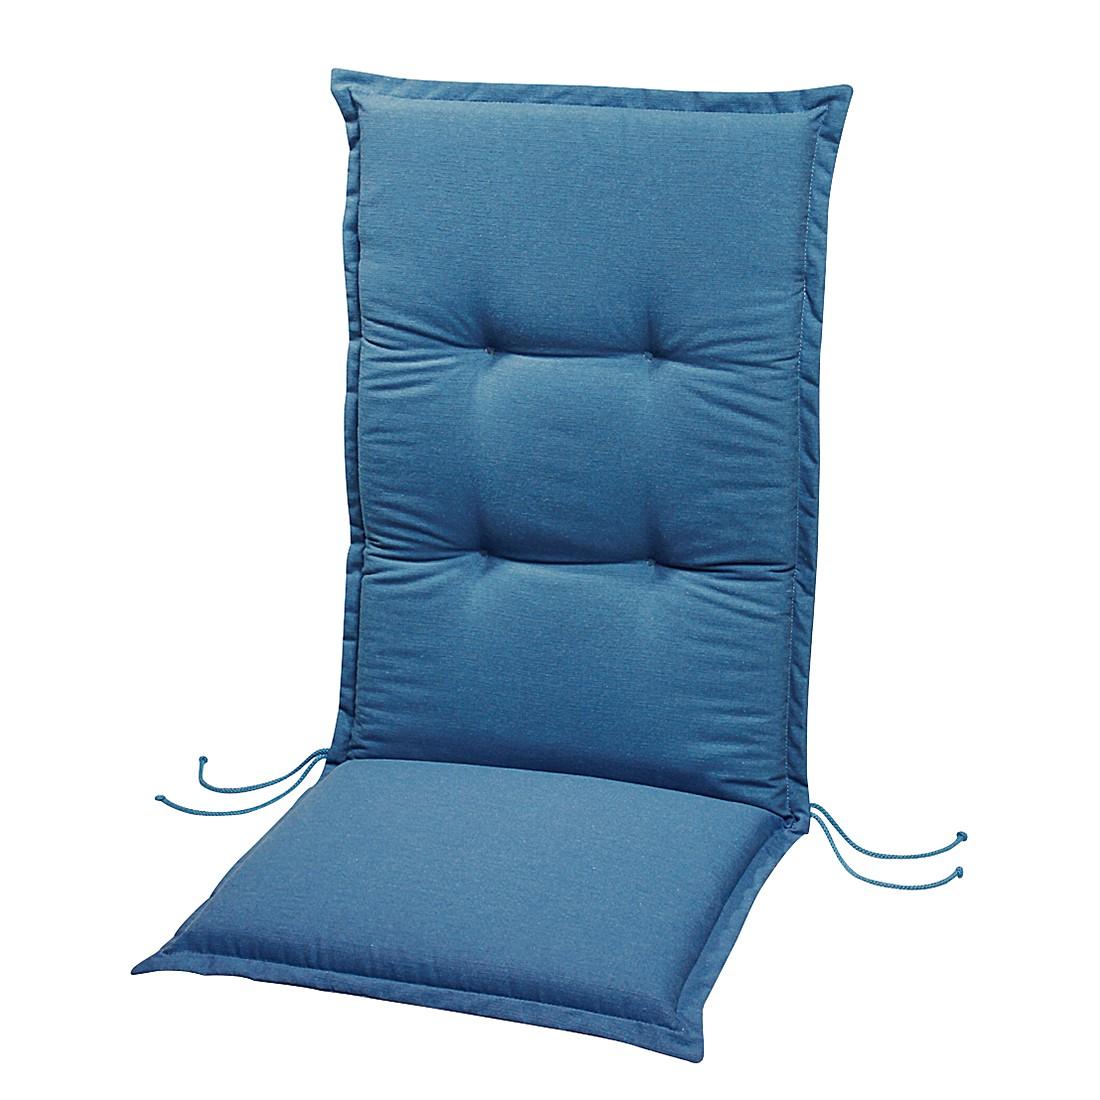 Polsterauflage Lorelai - Blau - Relax-Hochlehner - 175 x 50 cm, Best Freizeitmöbel